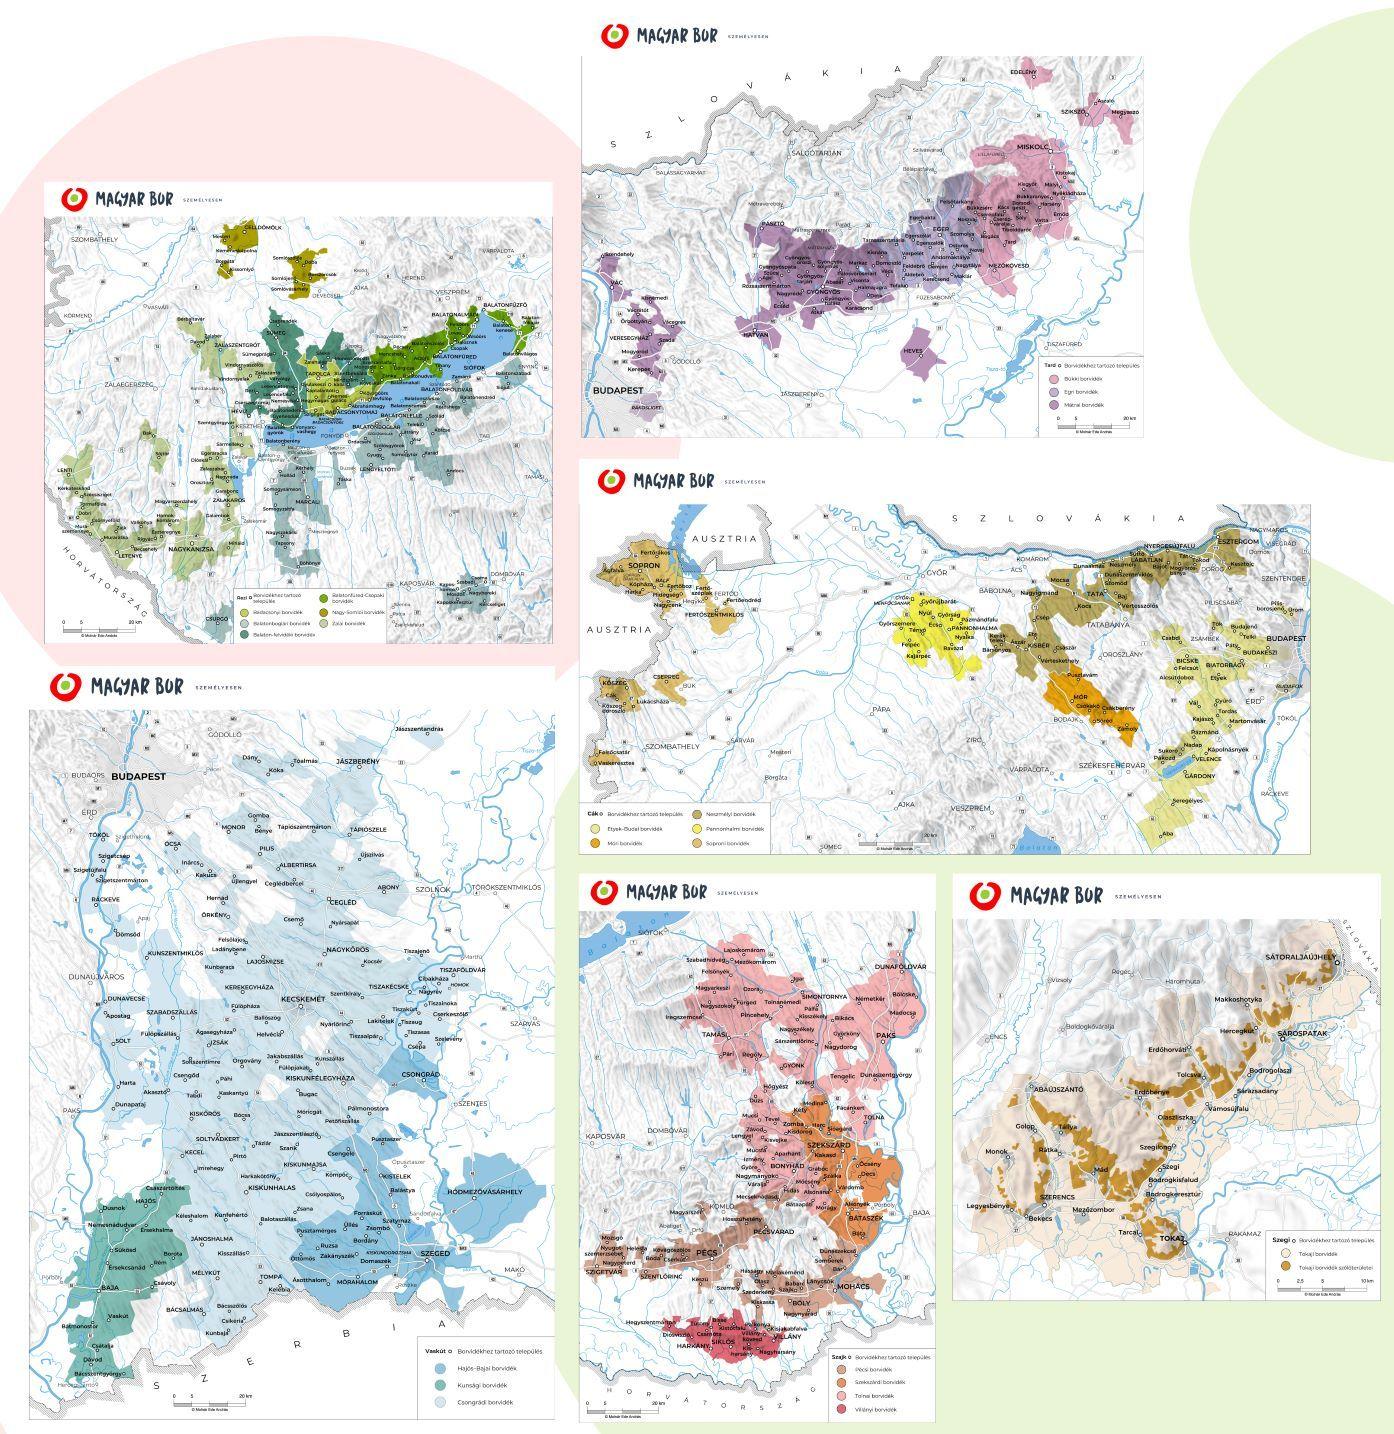 Magyarország bortermő régiói új térképeken